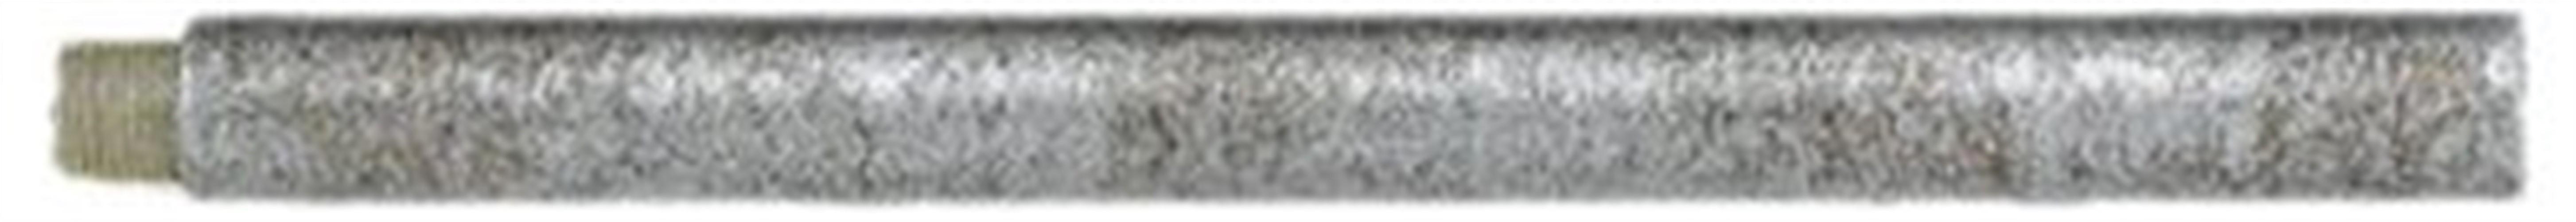 Quoizel 9007EXC Mini Pendant Extension Rod by Quoizel